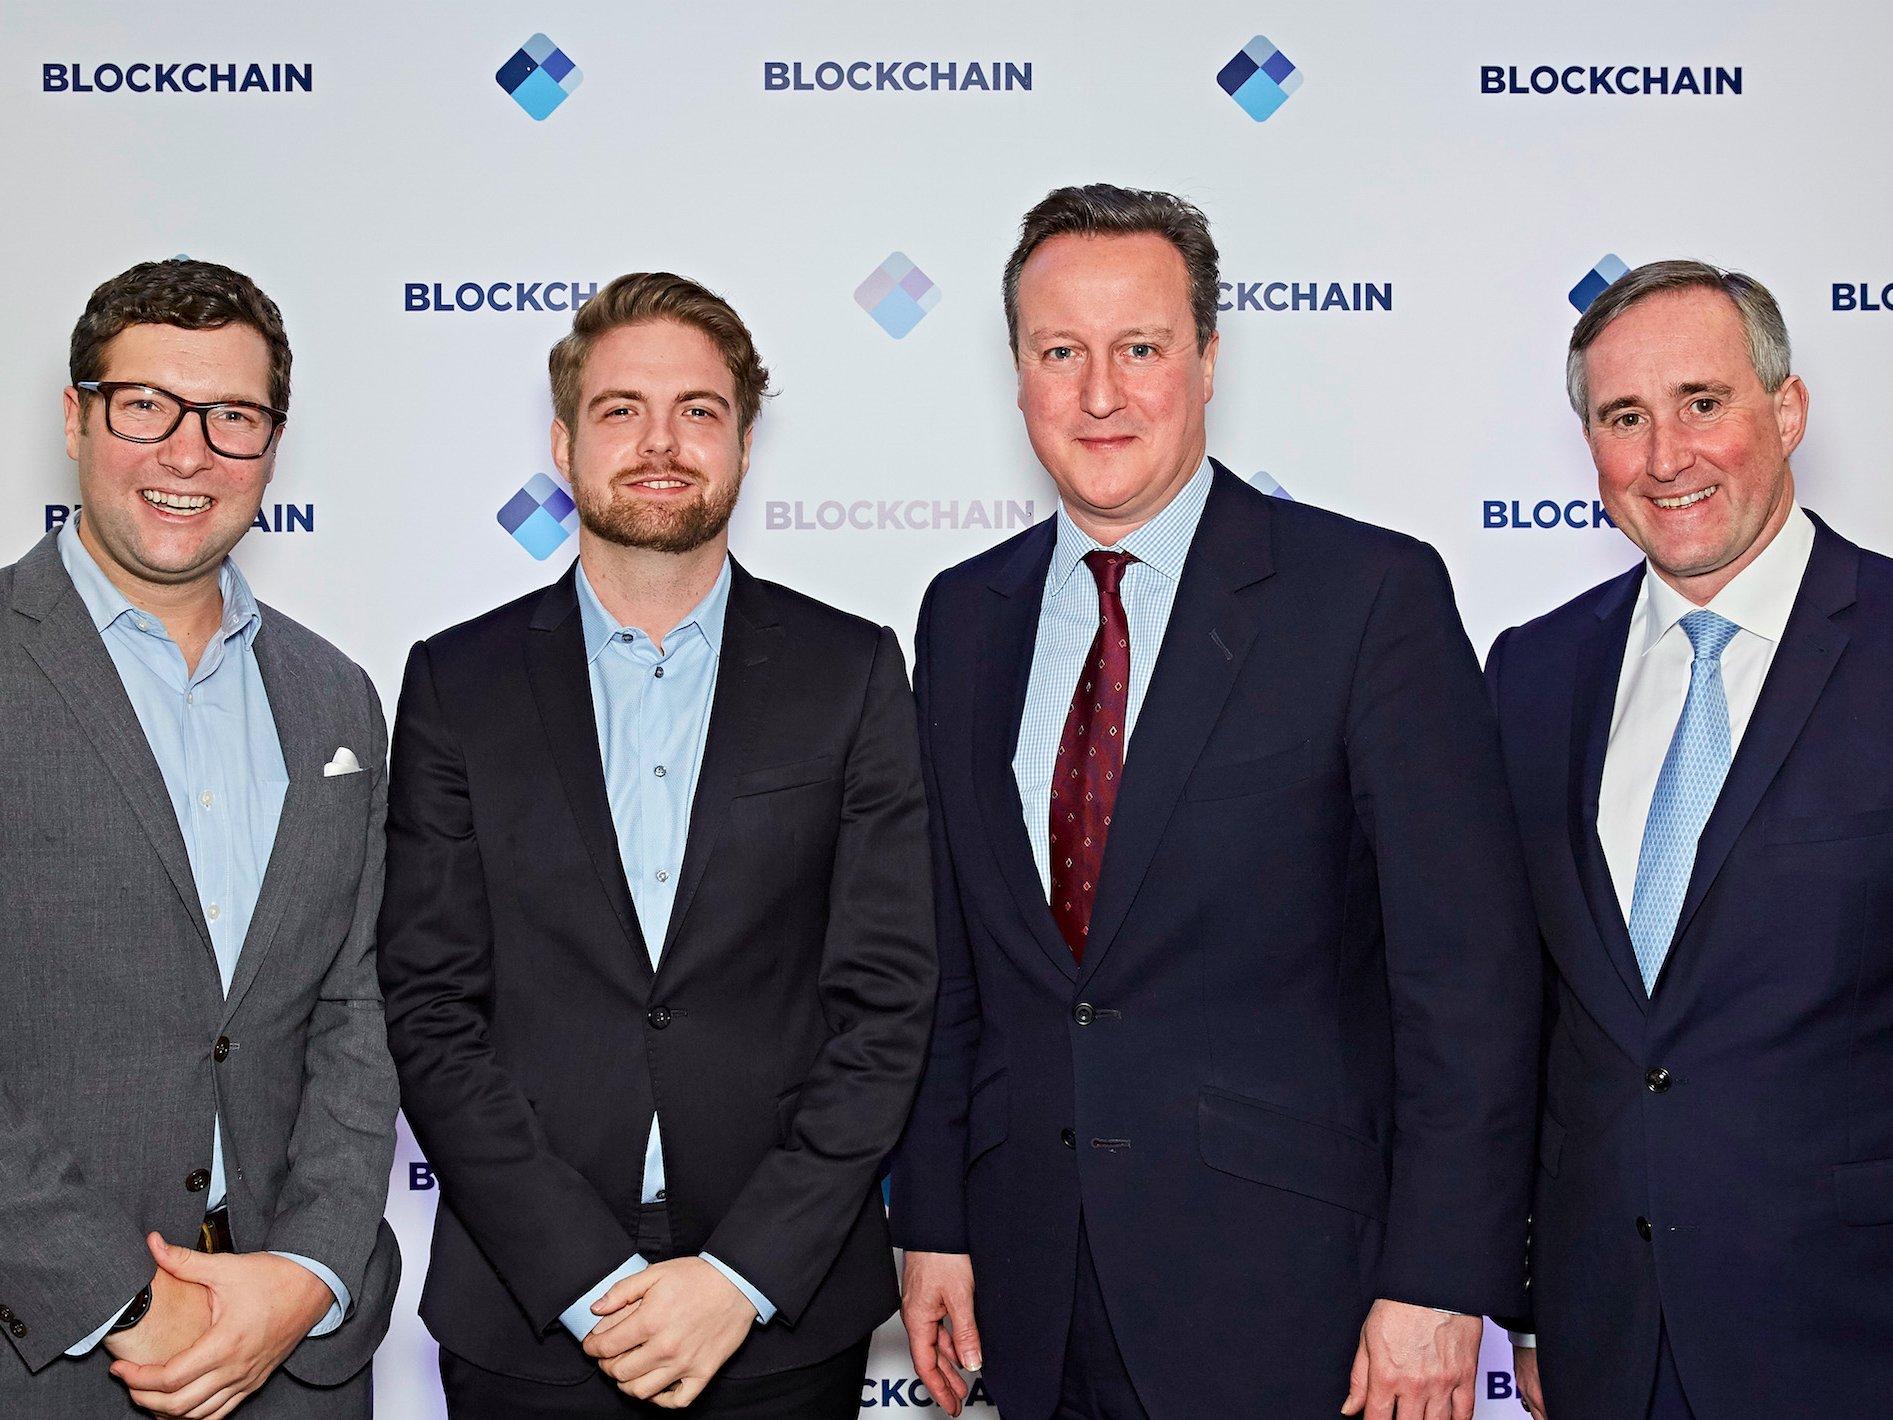 reino unido, blockchain, corrupción, fintech, david cameron